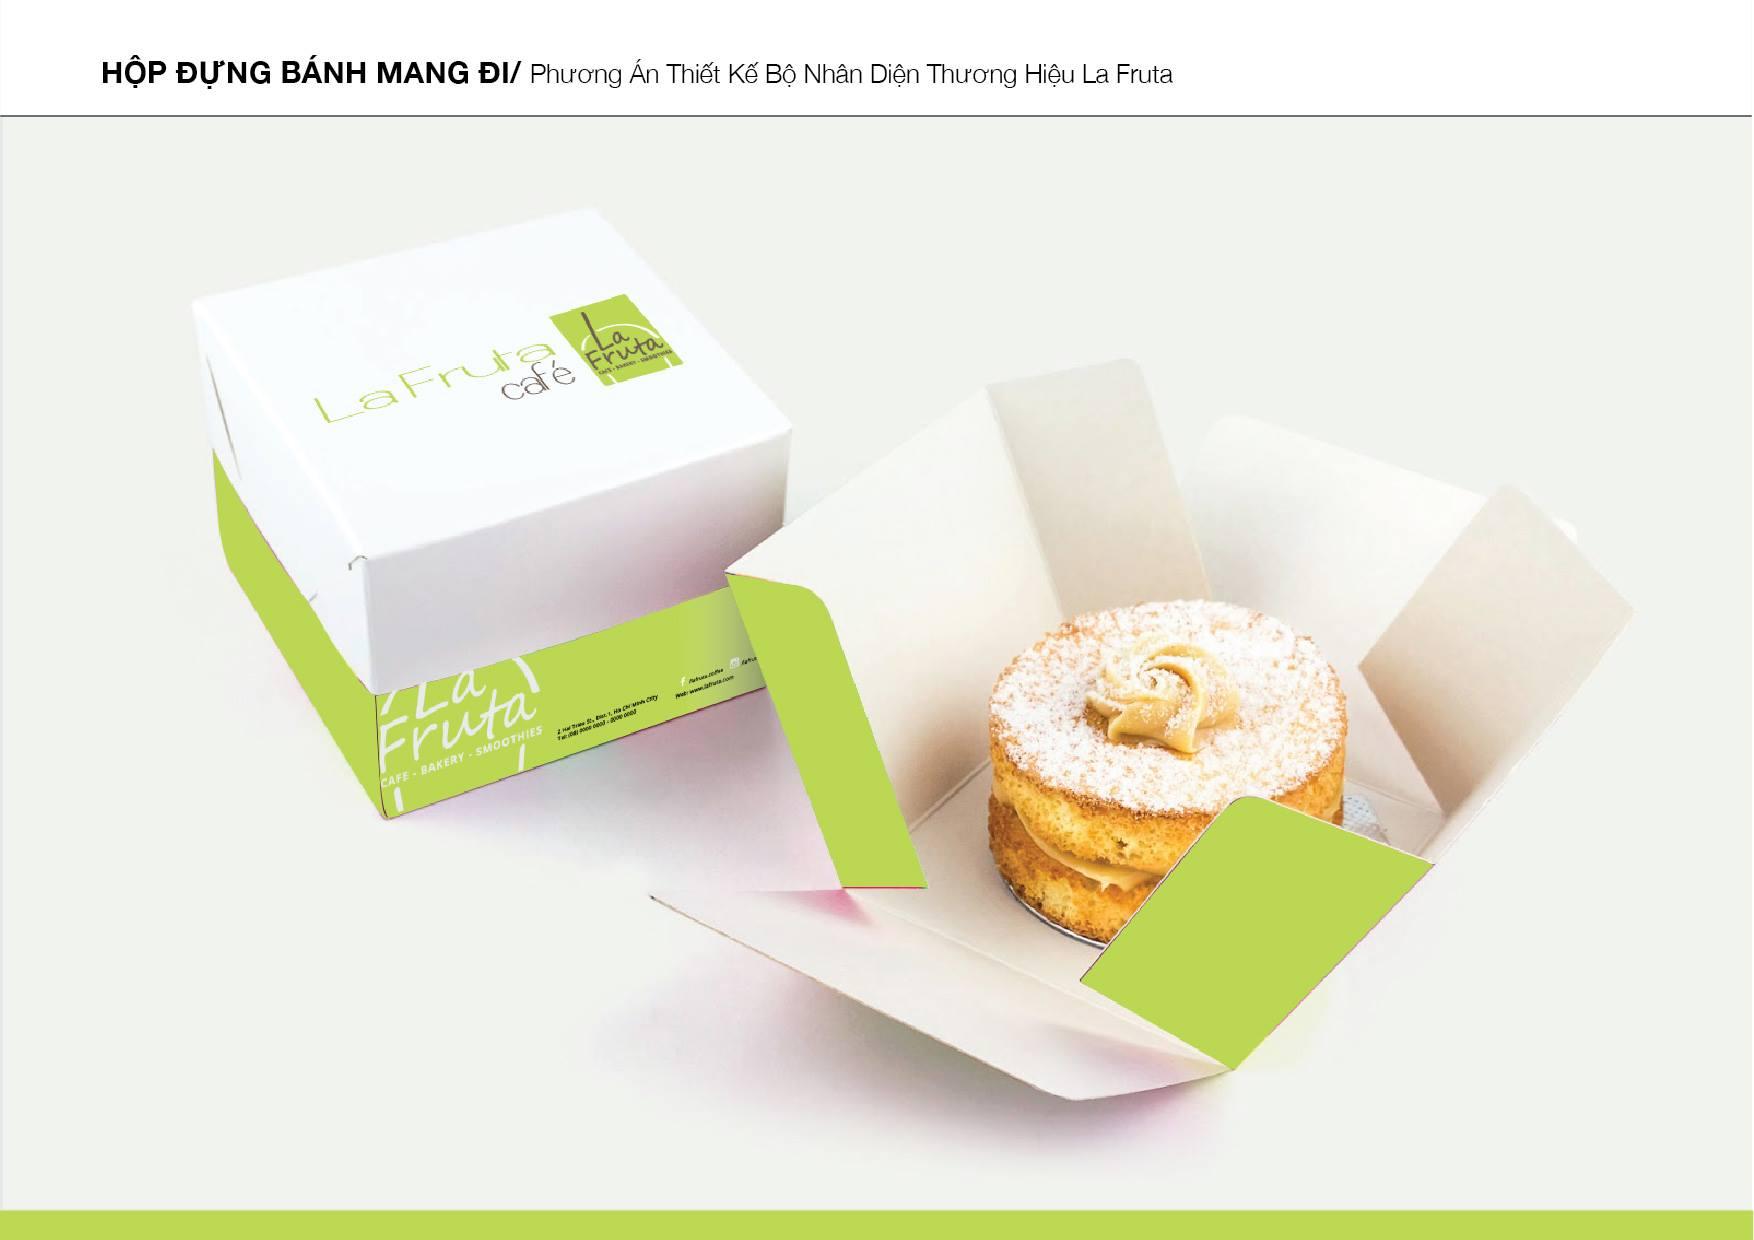 Dự án thiết kế nhận diện thương hiệu chuỗi cửa hàng café – nước trái cây tại TP HCM